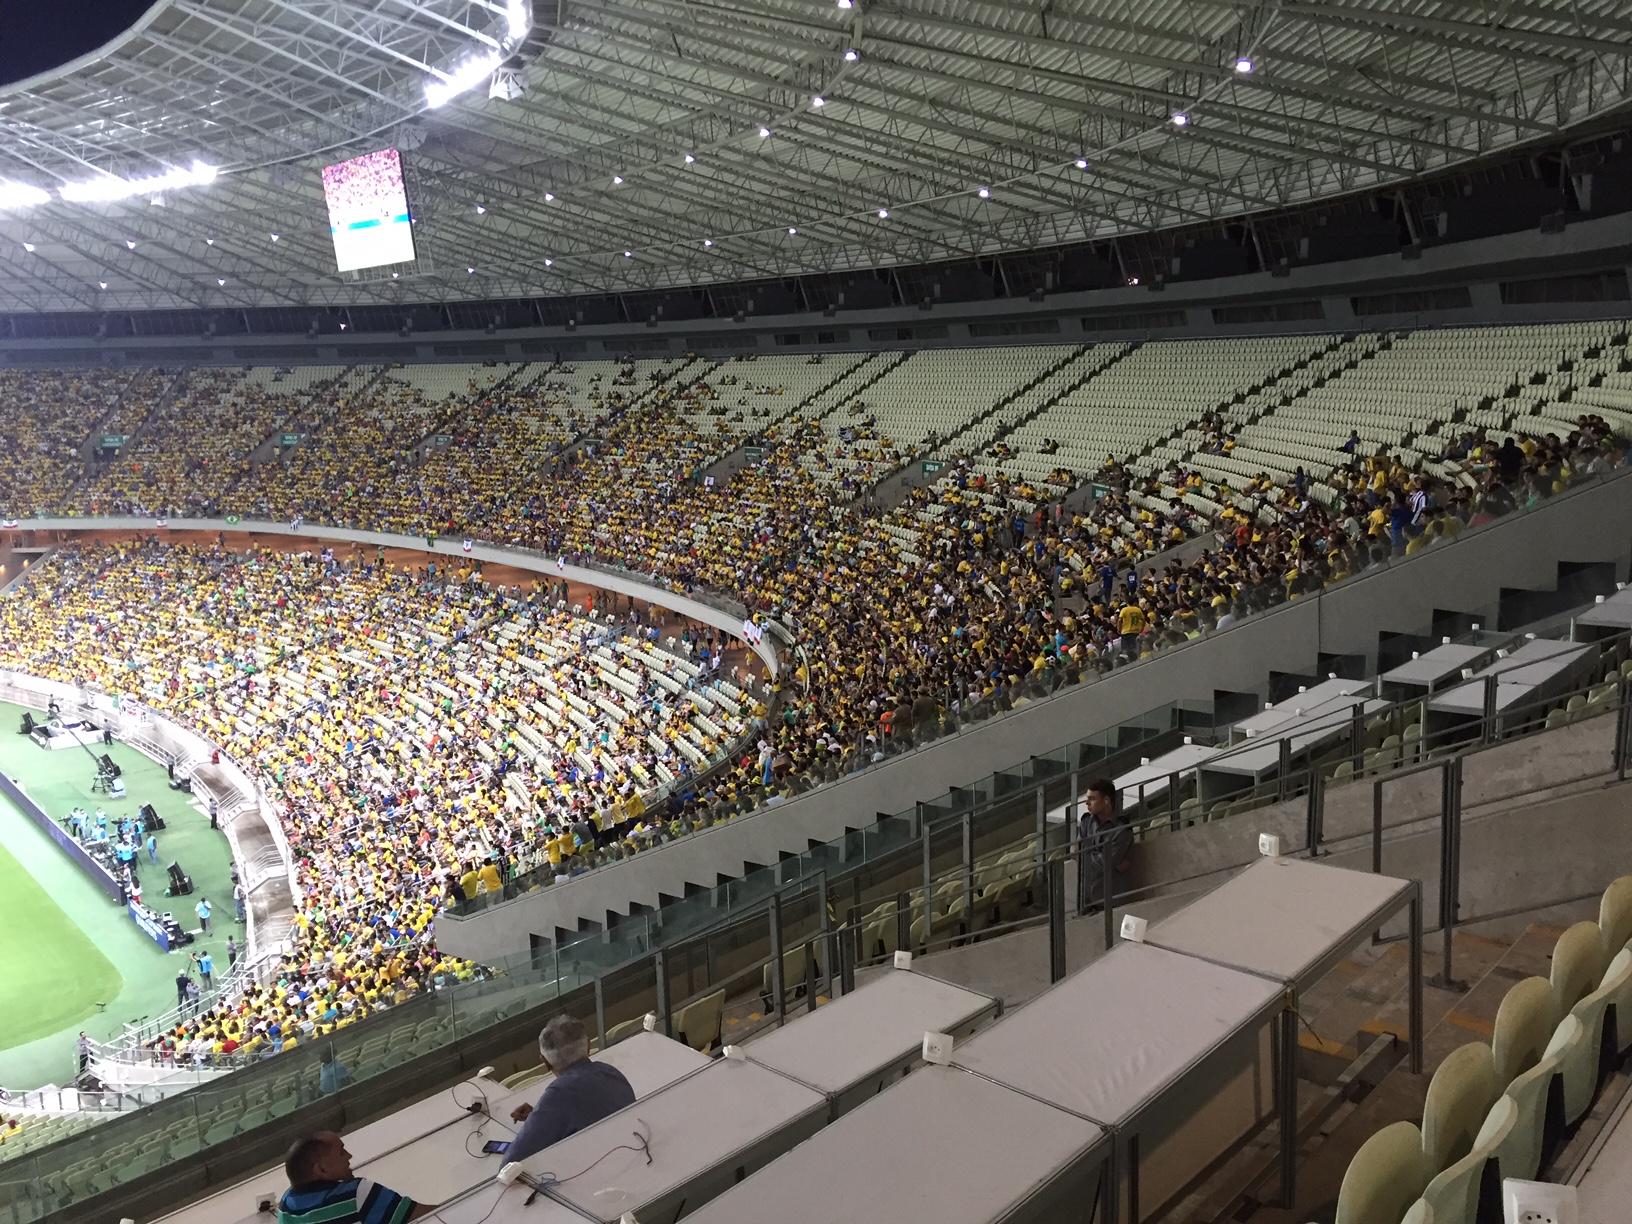 Arena Castelão ficou com vários espaços vazios durante o segundo jogo das Eliminatórias (Foto: Lucas Catrib)